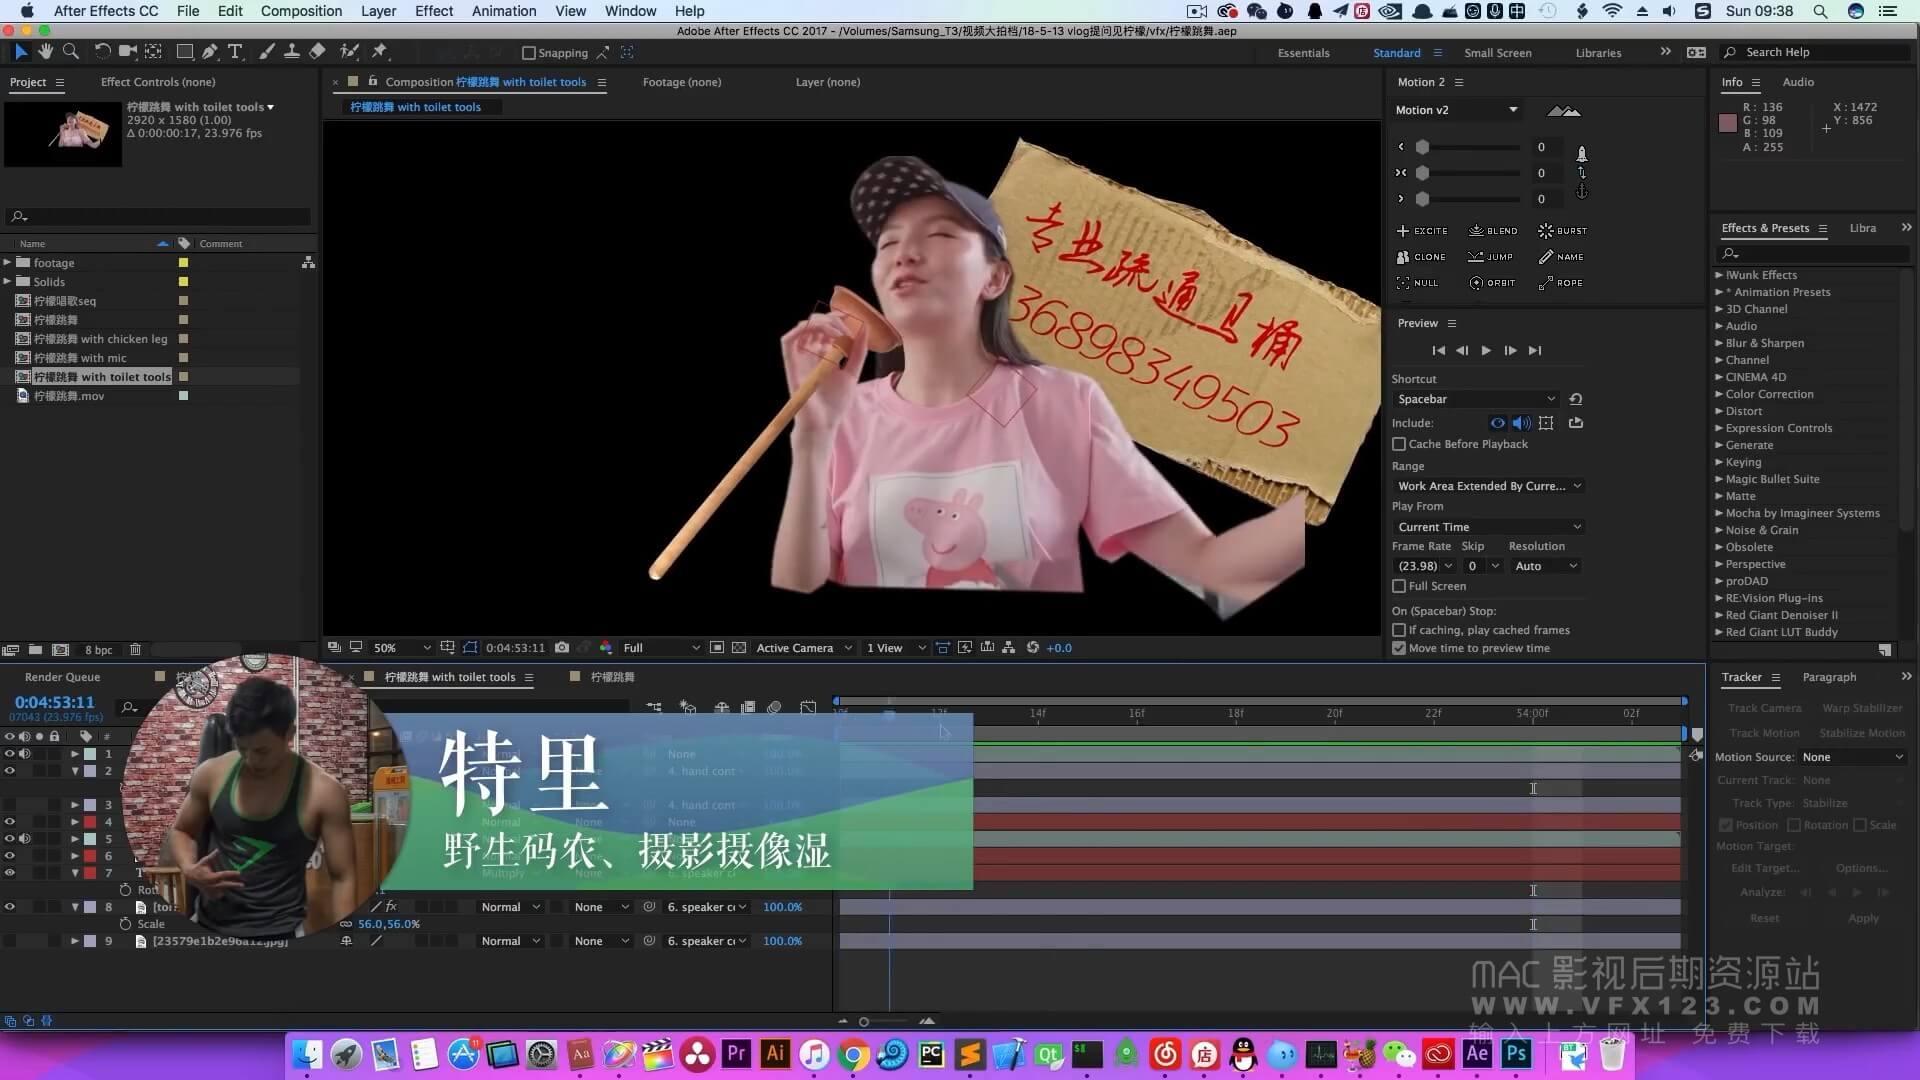 视频抠像教程 复杂背景的视频抠像技巧 AE+PS 中文教程